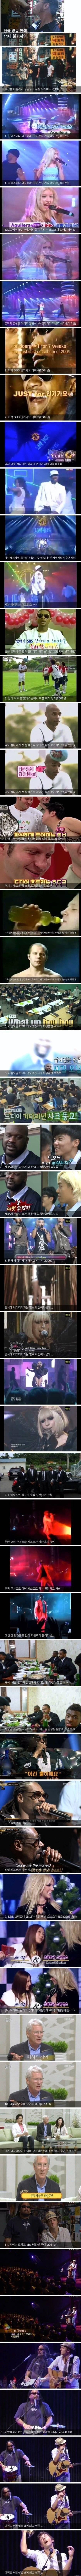 한국 방송계 11대 불가사의   인스티즈